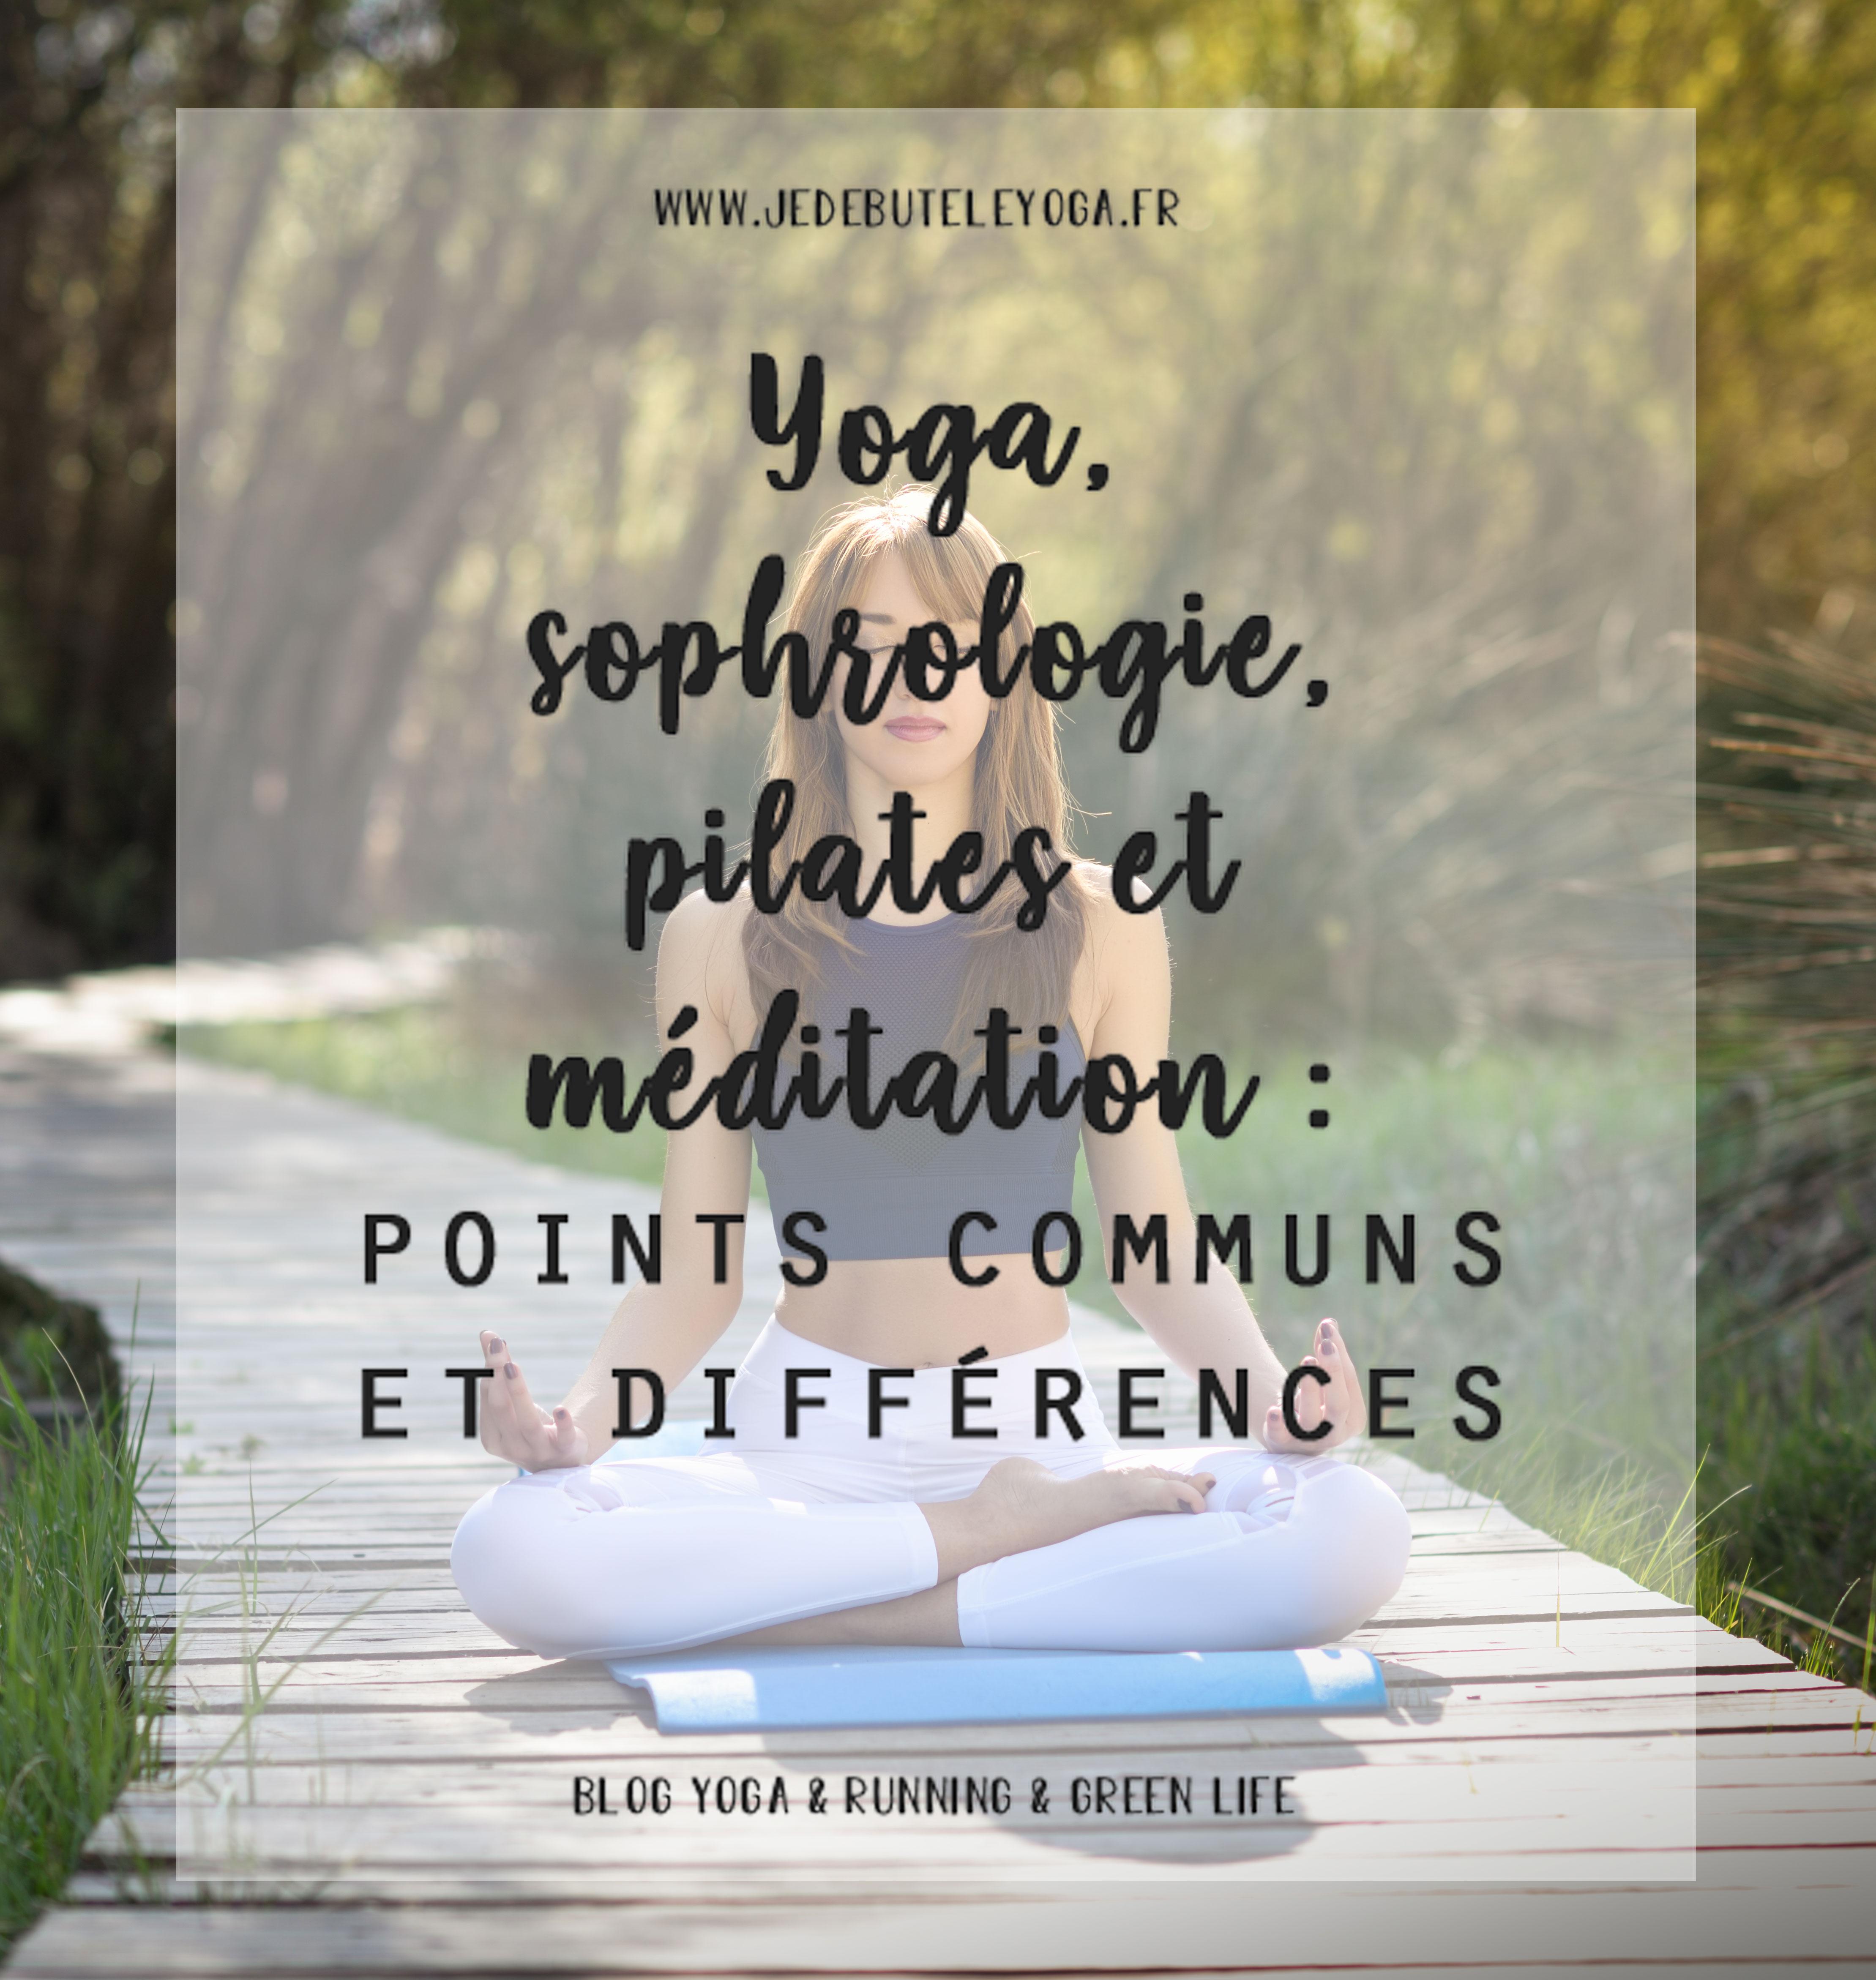 yoga, sophrologie, pilates et méditation : points communs et différences de chaque discipline